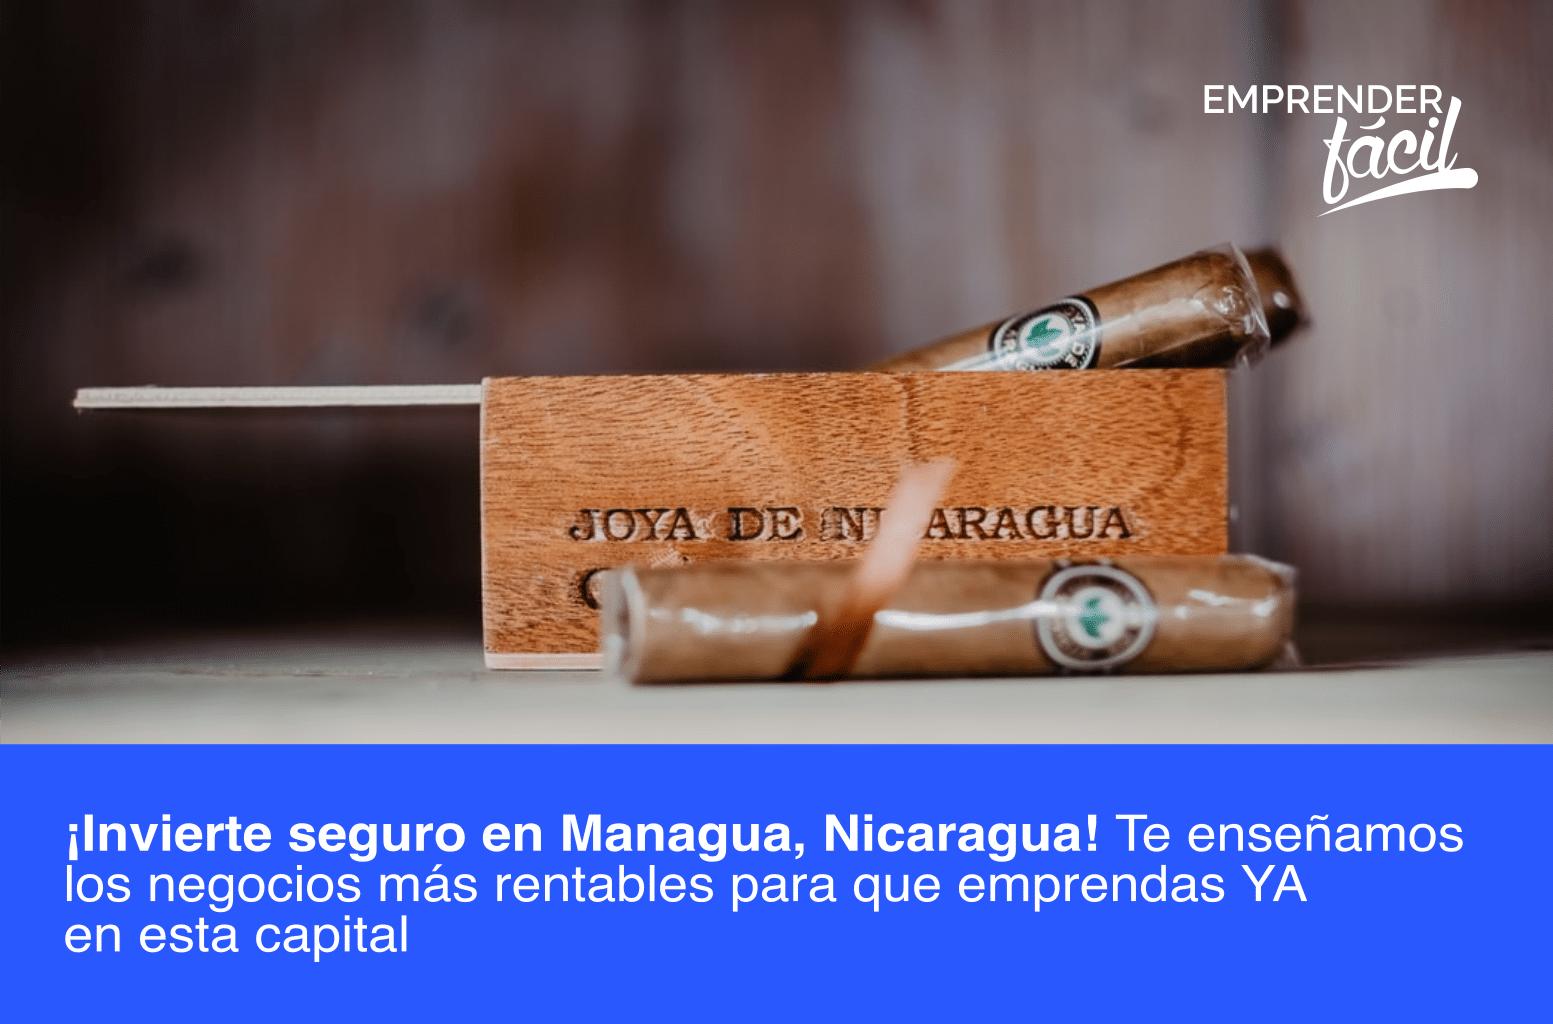 Negocios rentables en Managua, Nicaragua ¡Invierte Seguro!